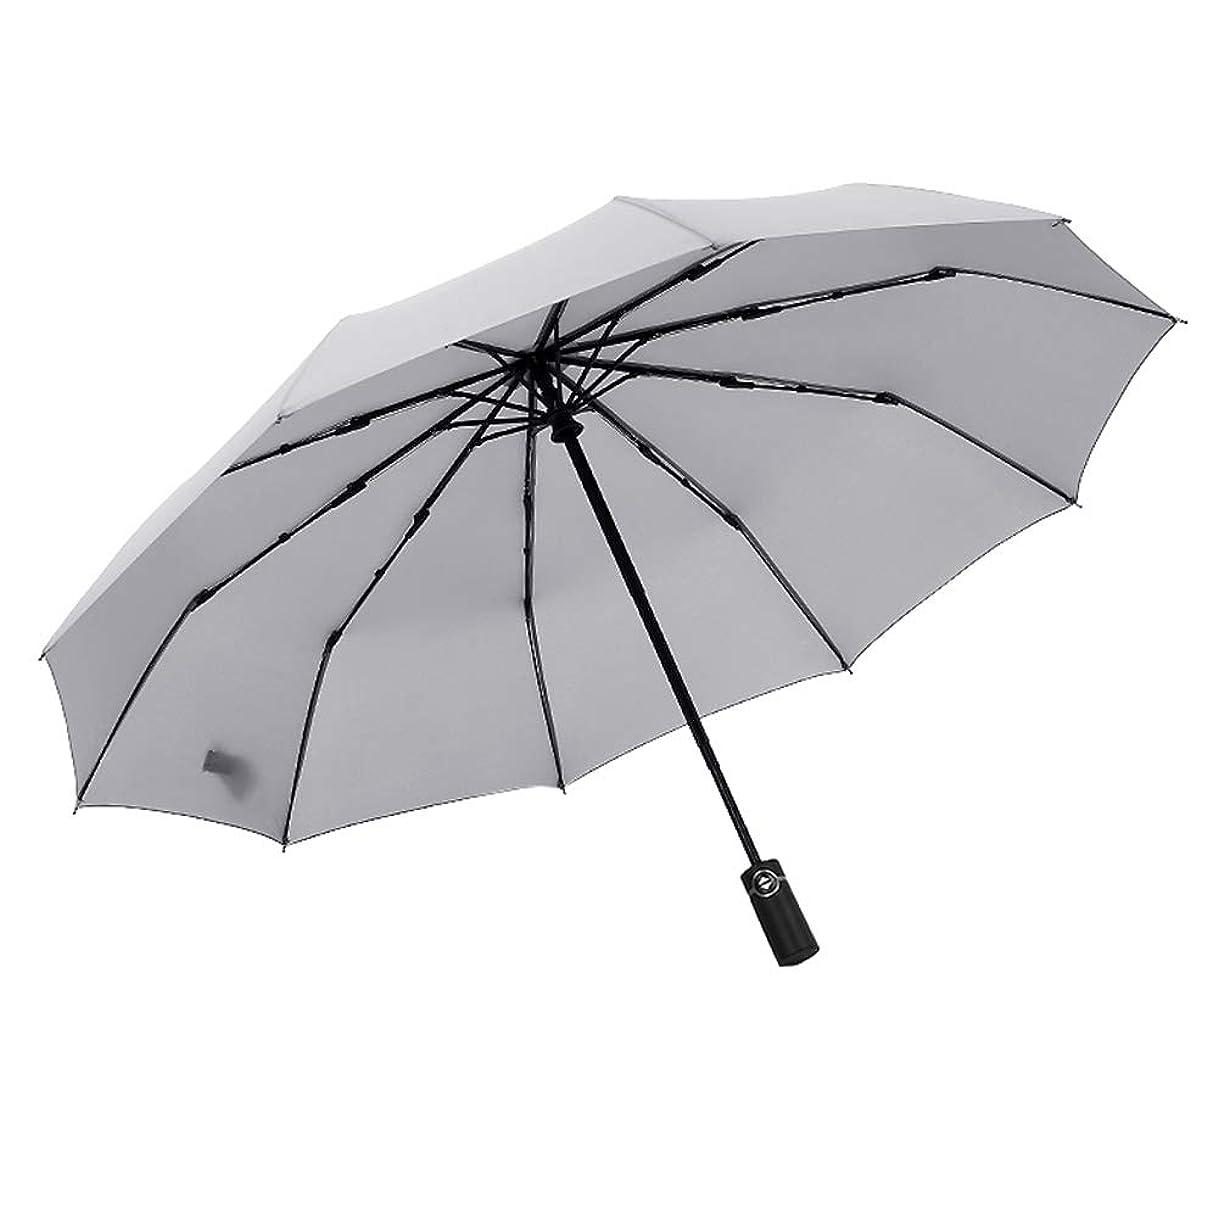 ネクタイ匿名いつもYulinz折りたたみ傘 メンズ 軽量 ワンタッチ自動開閉 大きい10本傘骨 グラスファイバー 雨晴れ兼用 防水カバー付き 携帯便利 (4色)